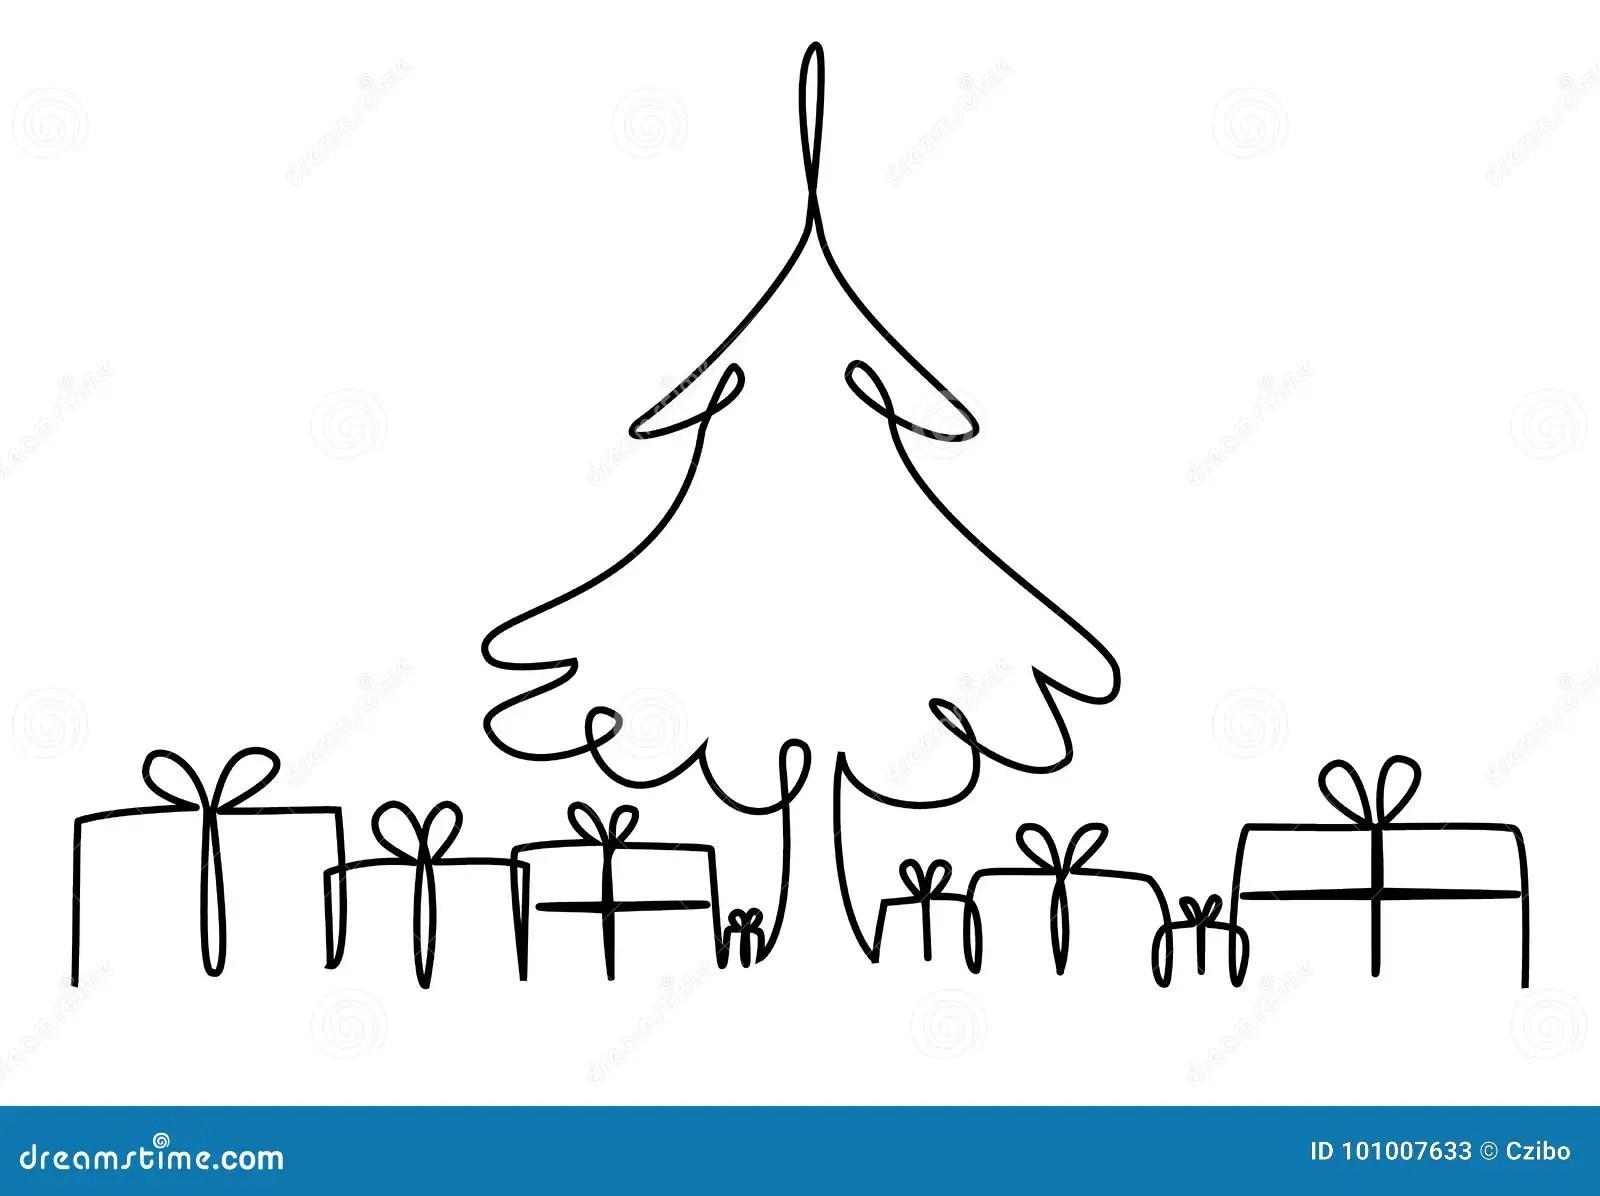 Dessin Au Trait Arbre De Noel Un Illustration De Vecteur